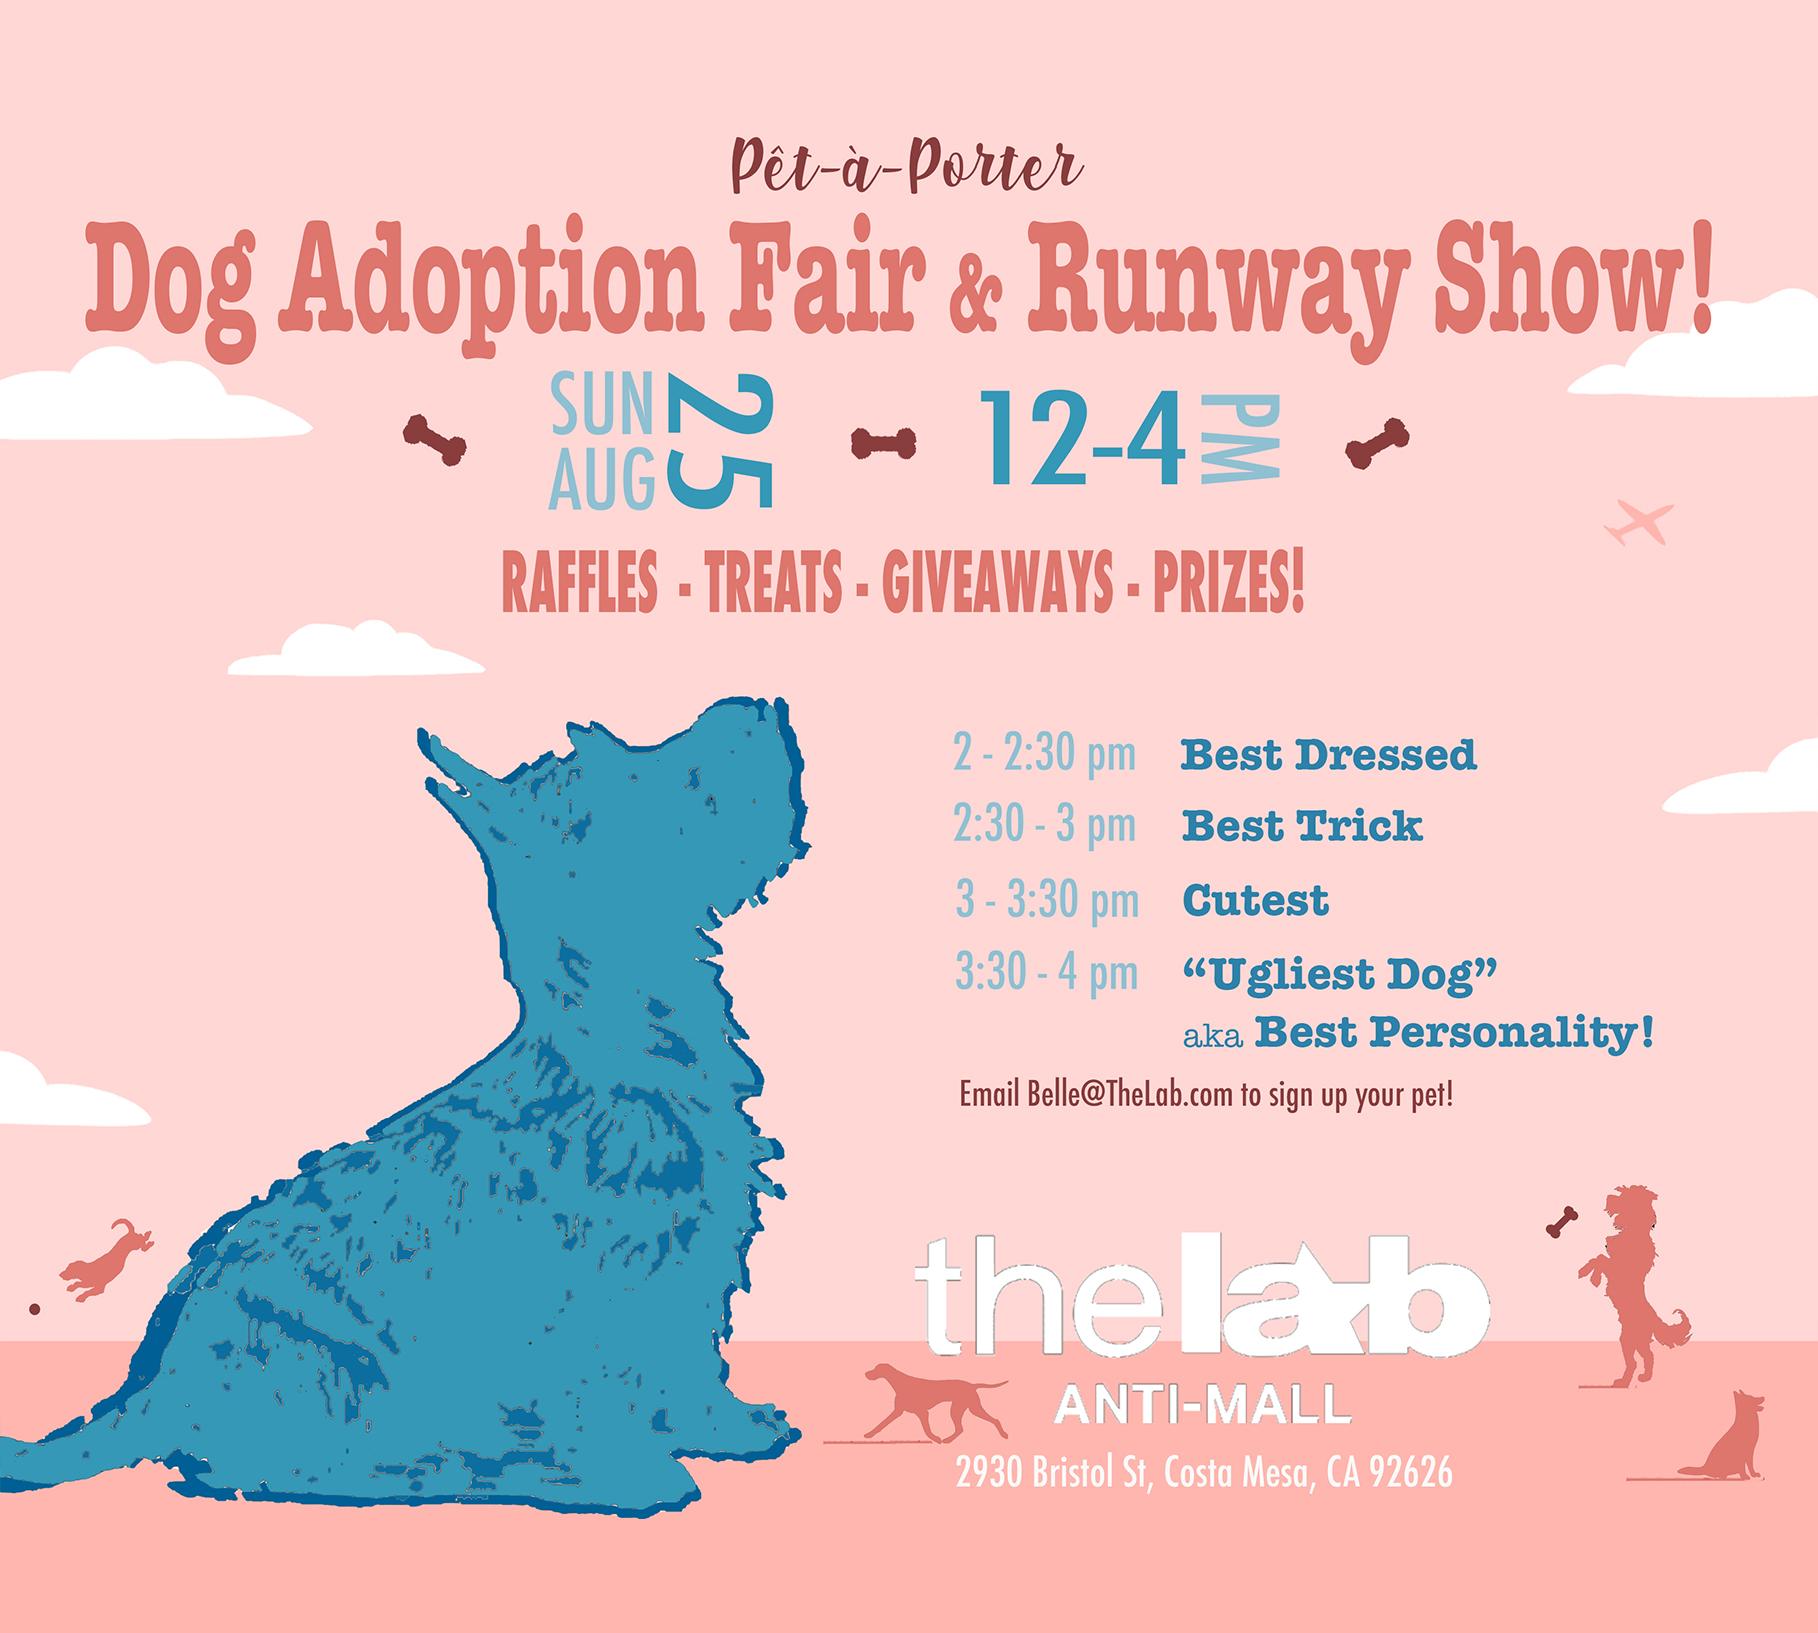 Pet-A-Porter Dog Adoption Fair & Runway Show